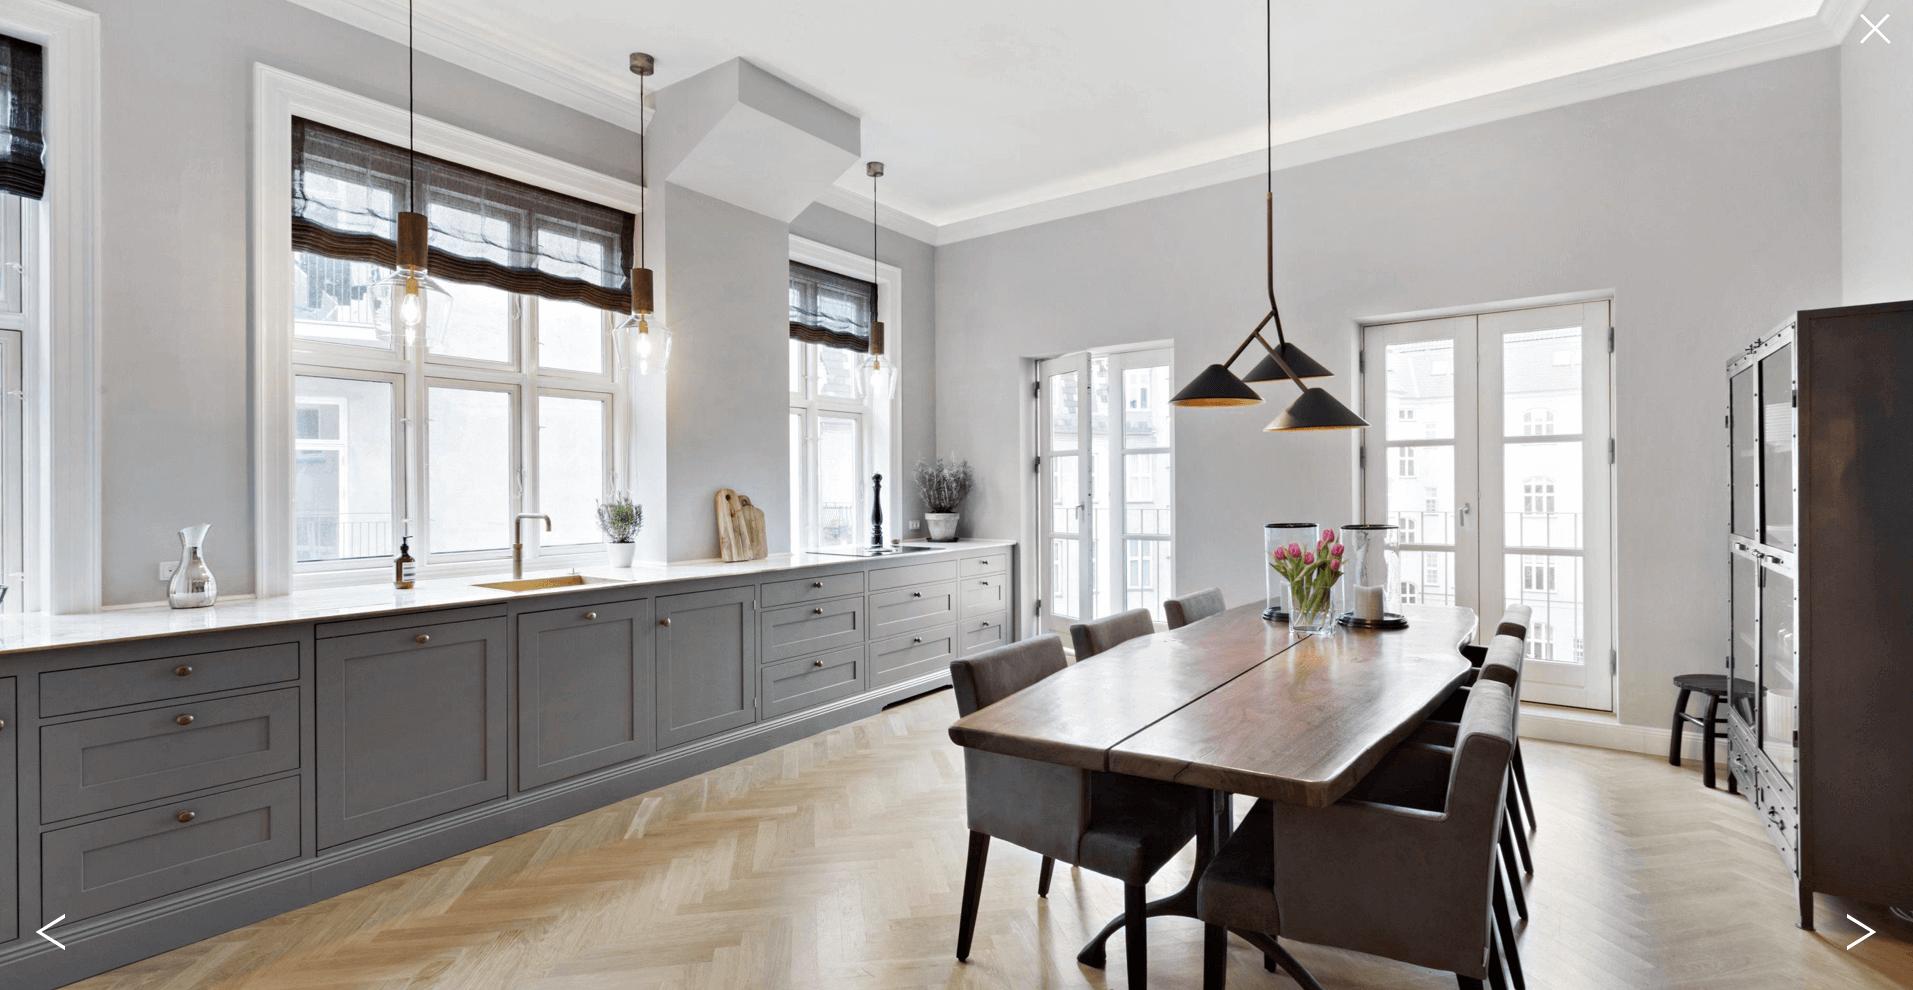 Køkken efter renovering